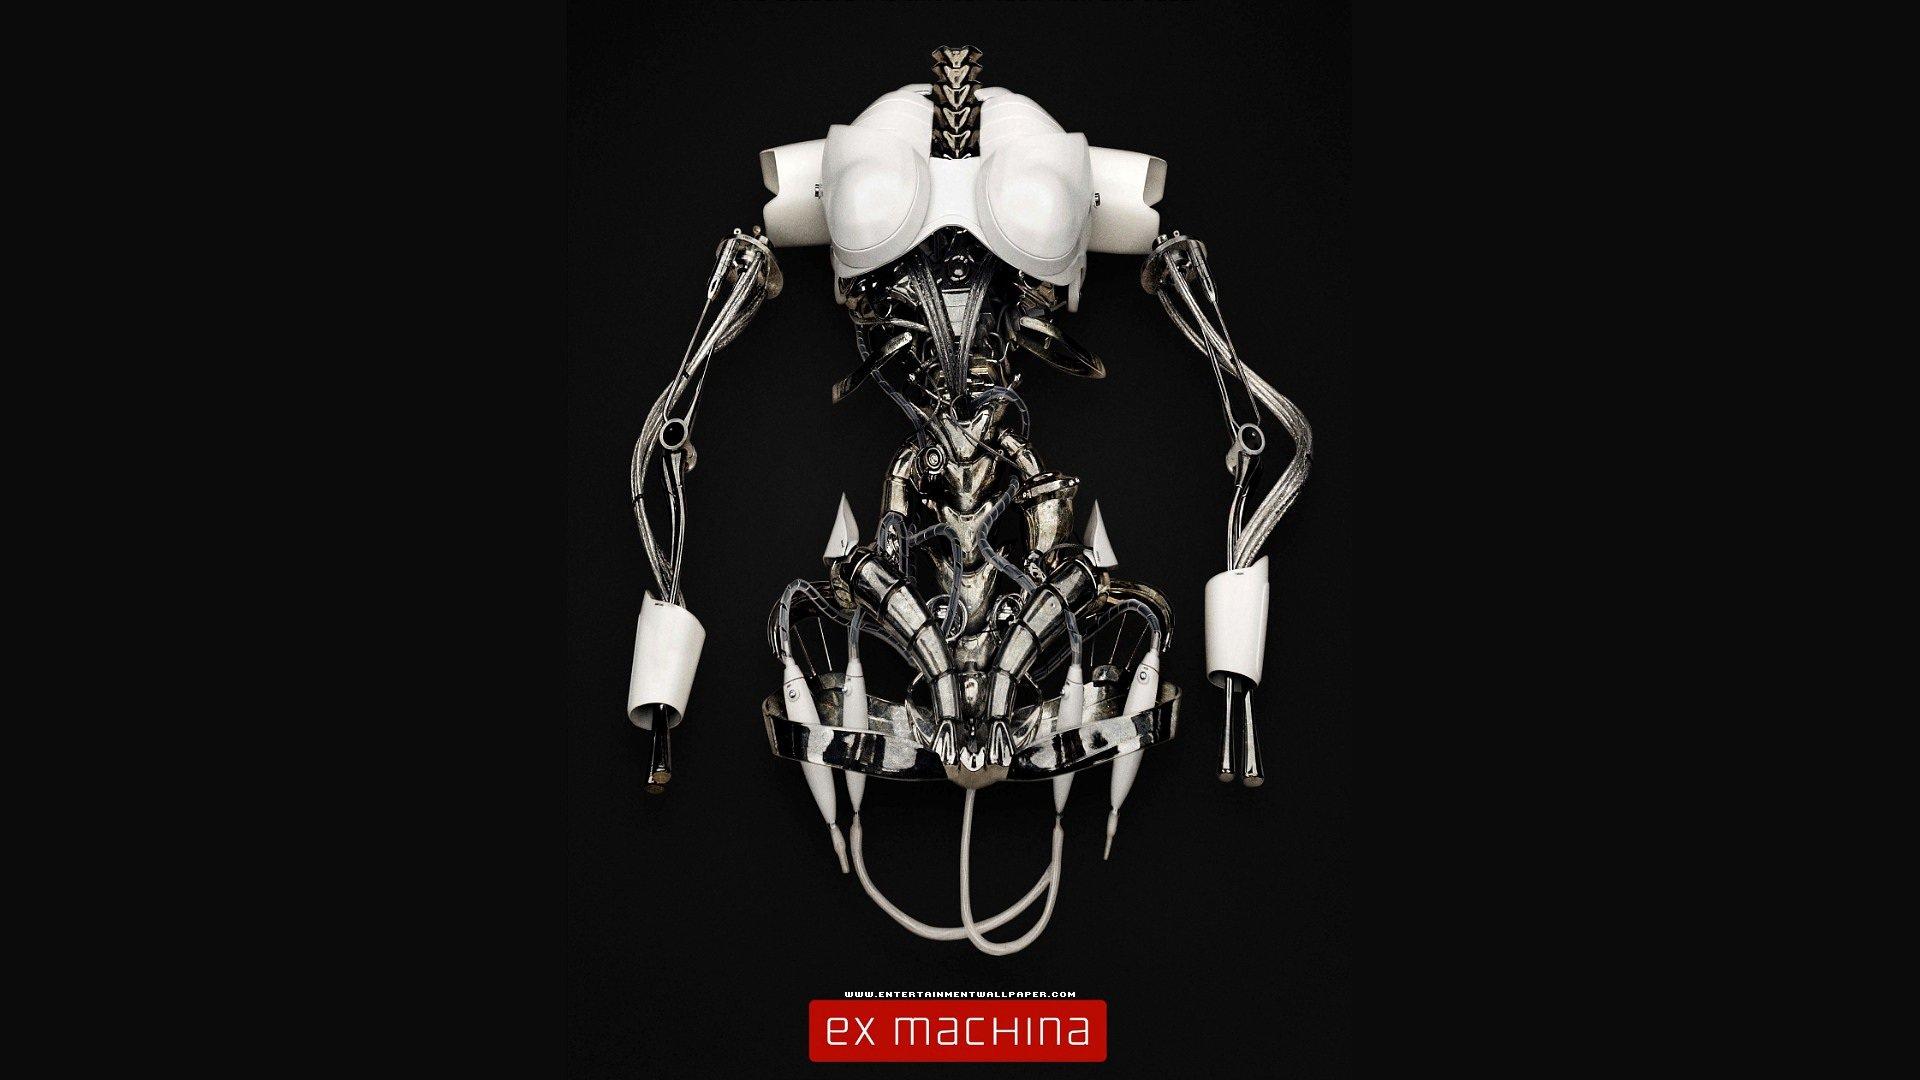 Мнение: Ex machina - Изображение 1